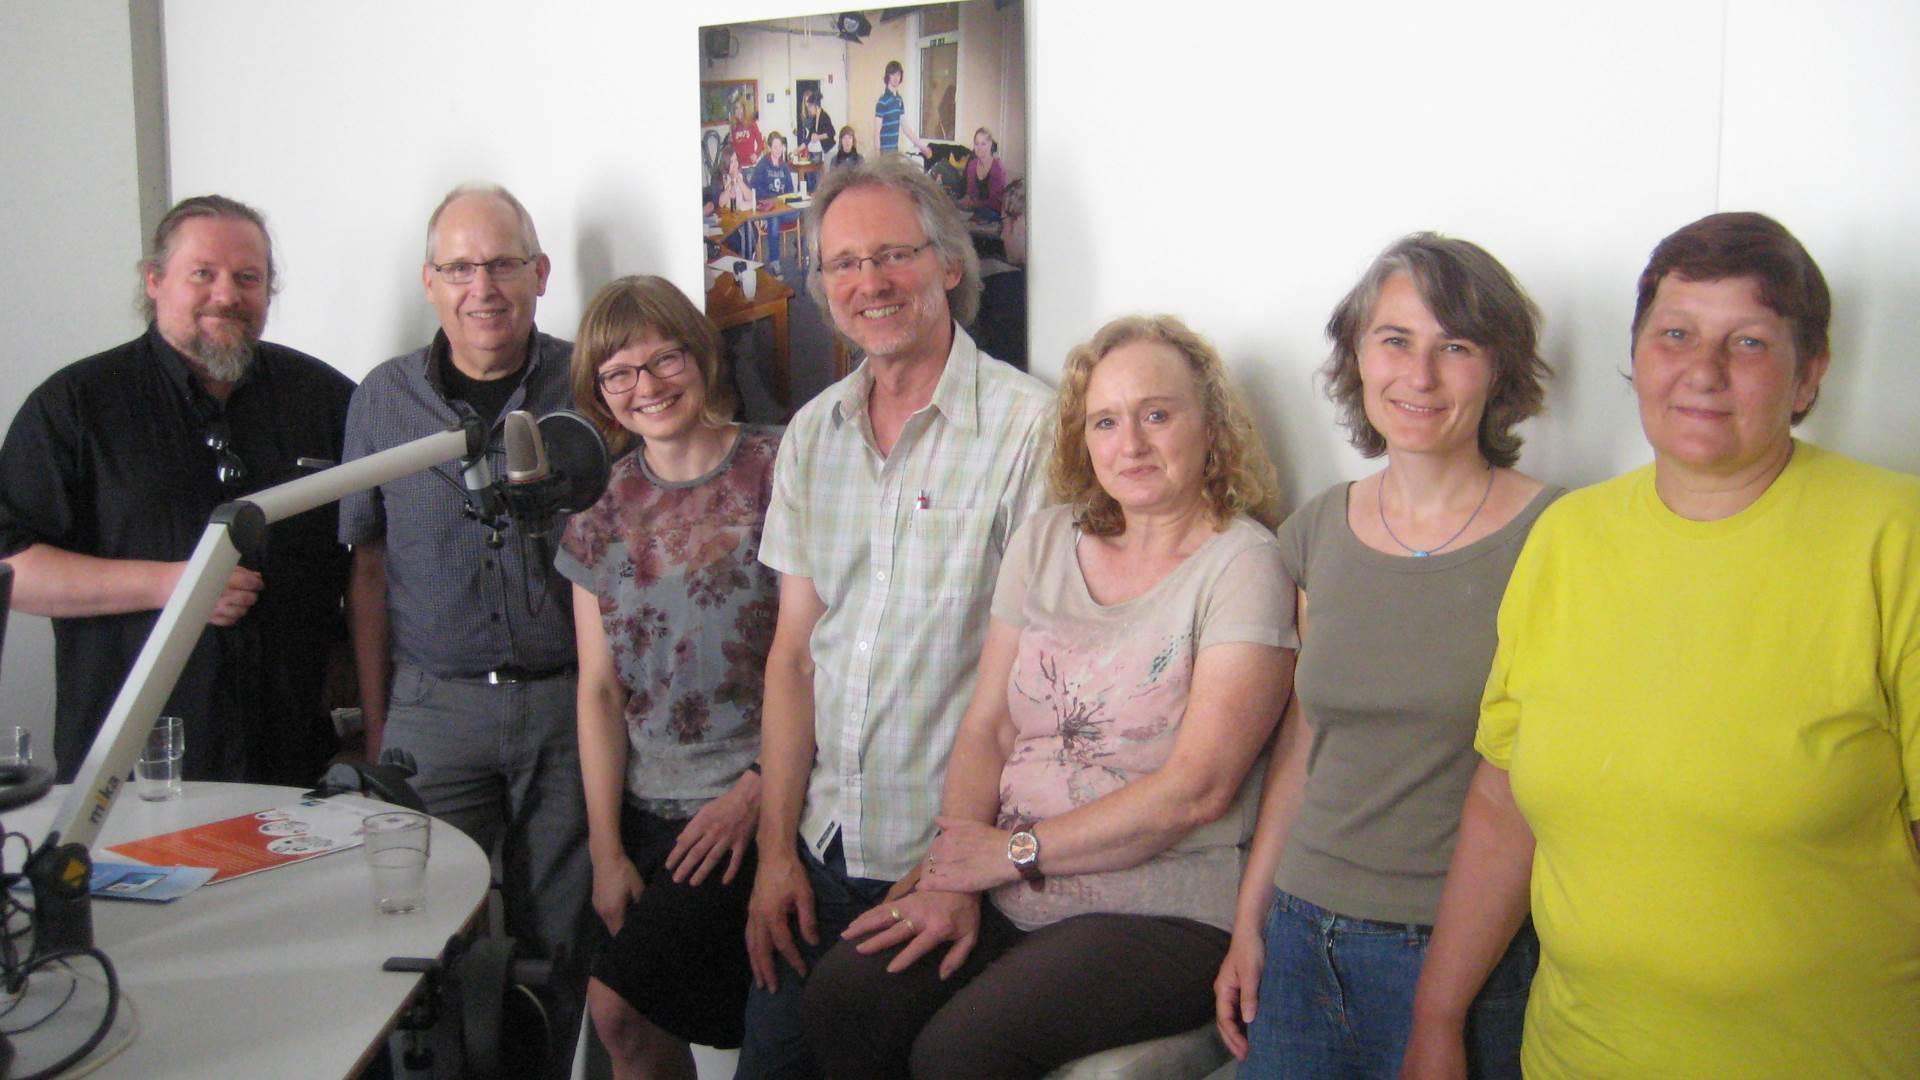 von li.: Cornelius, Lorenzen, Drosdowska, Scholz, Varrelmann, Engel, Janßen